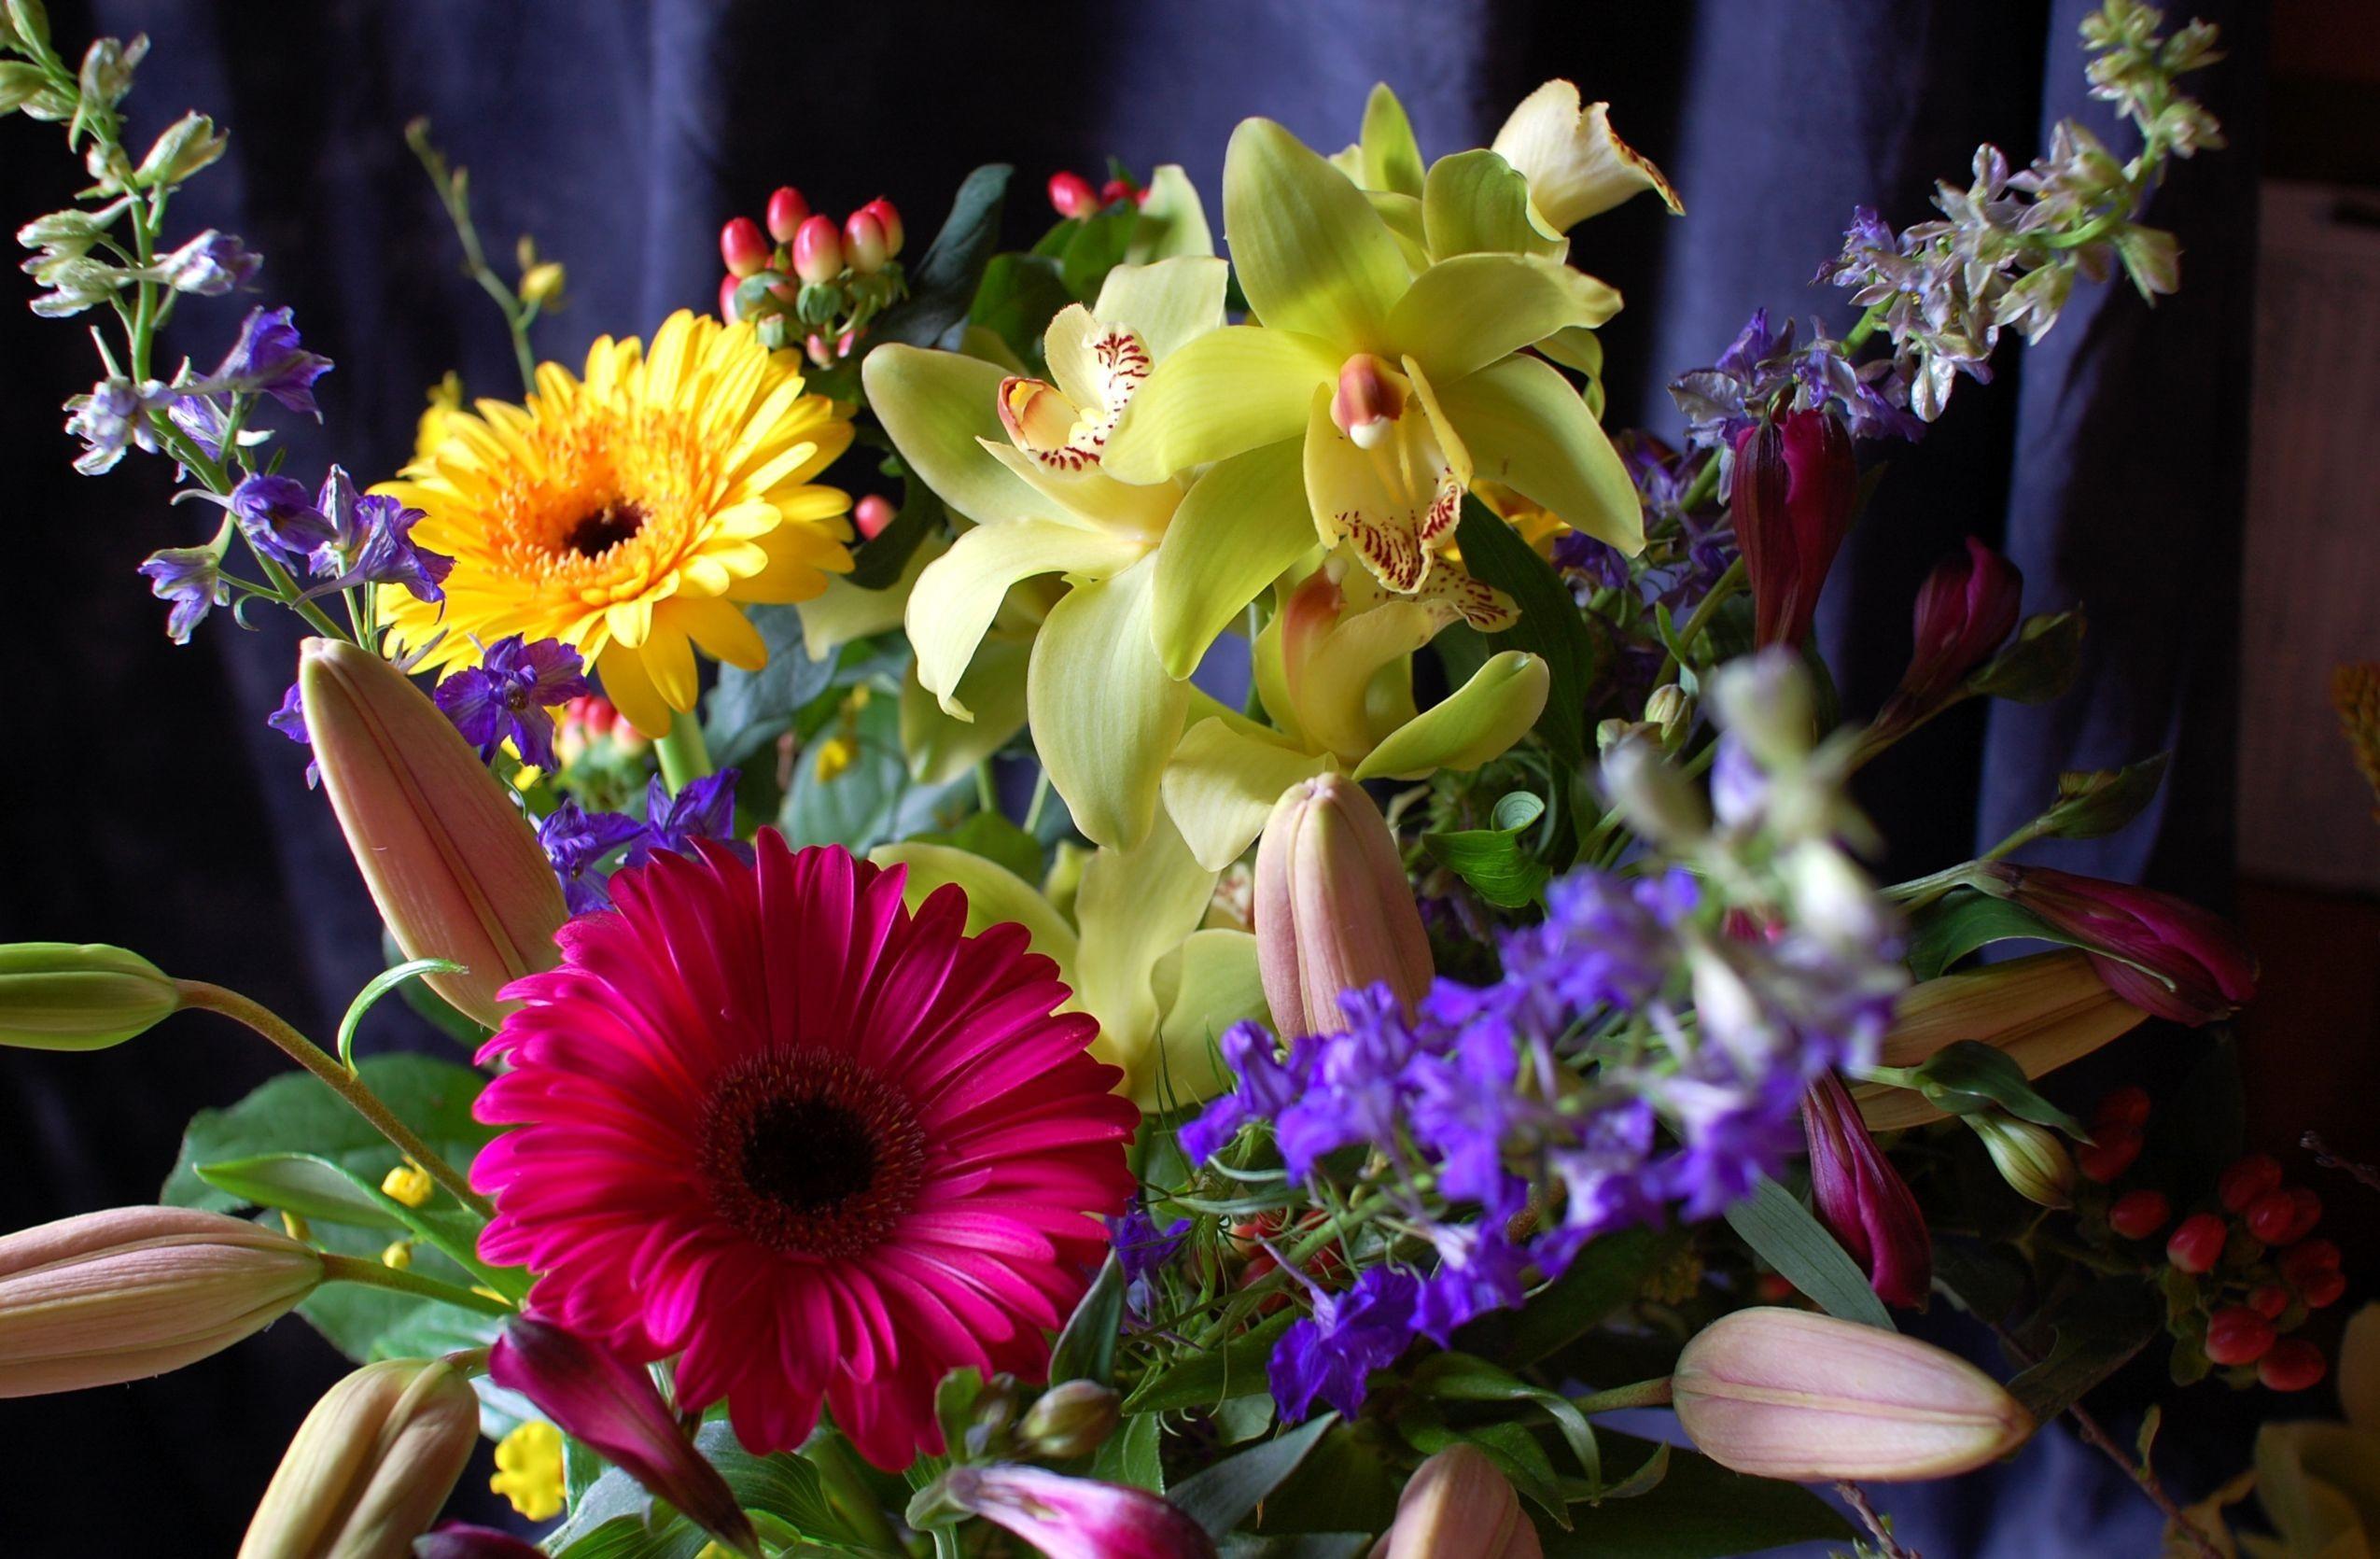 есть найти красивые фото цветов на первое самые интересные